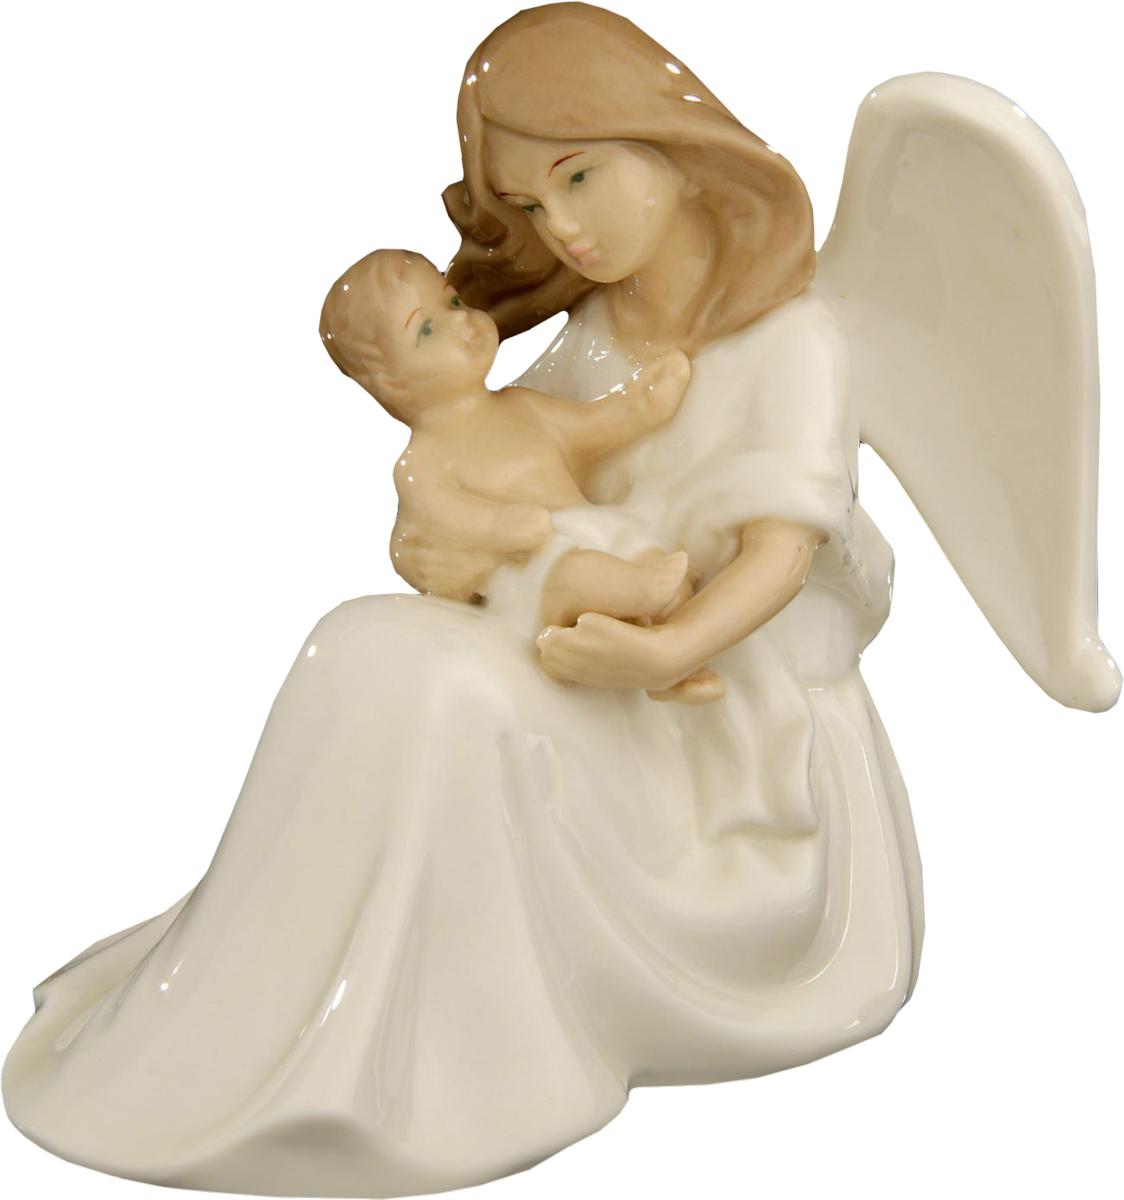 Сувенир пасхальный Sima-land Ангел-хранитель, 11 х 12 х 7 см сувенир пасхальный sima land ангел с розочкой на платье 13 х 8 х 6 см